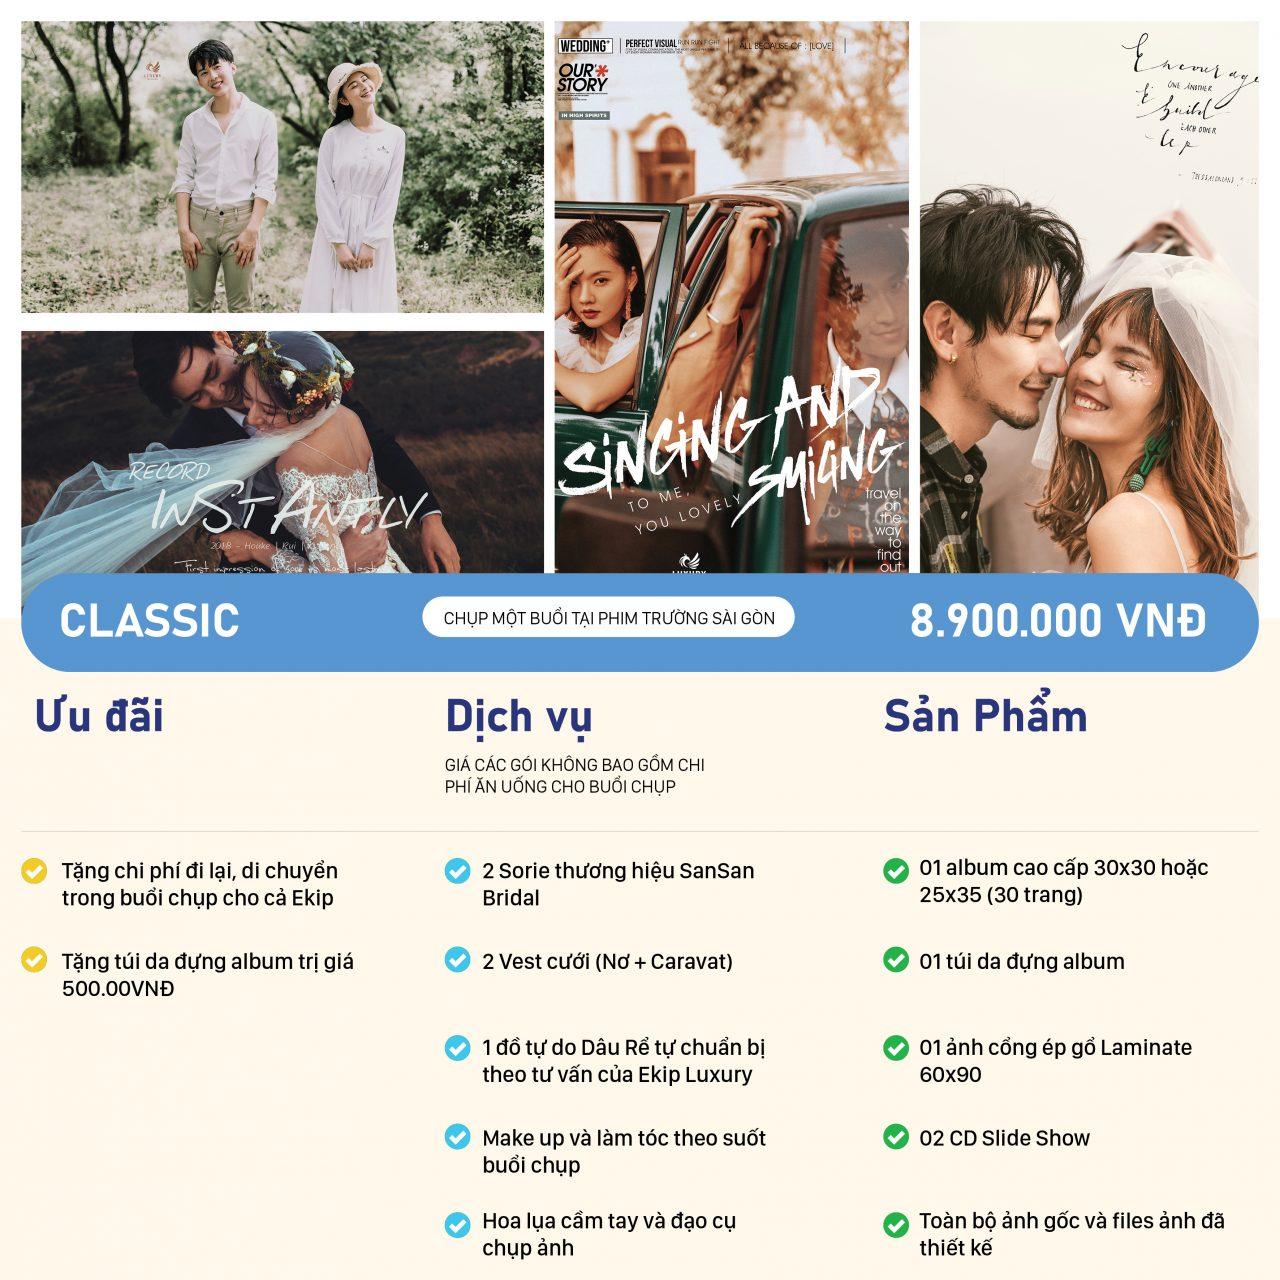 Bảng giá chụp hình cưới gói CLASSIC